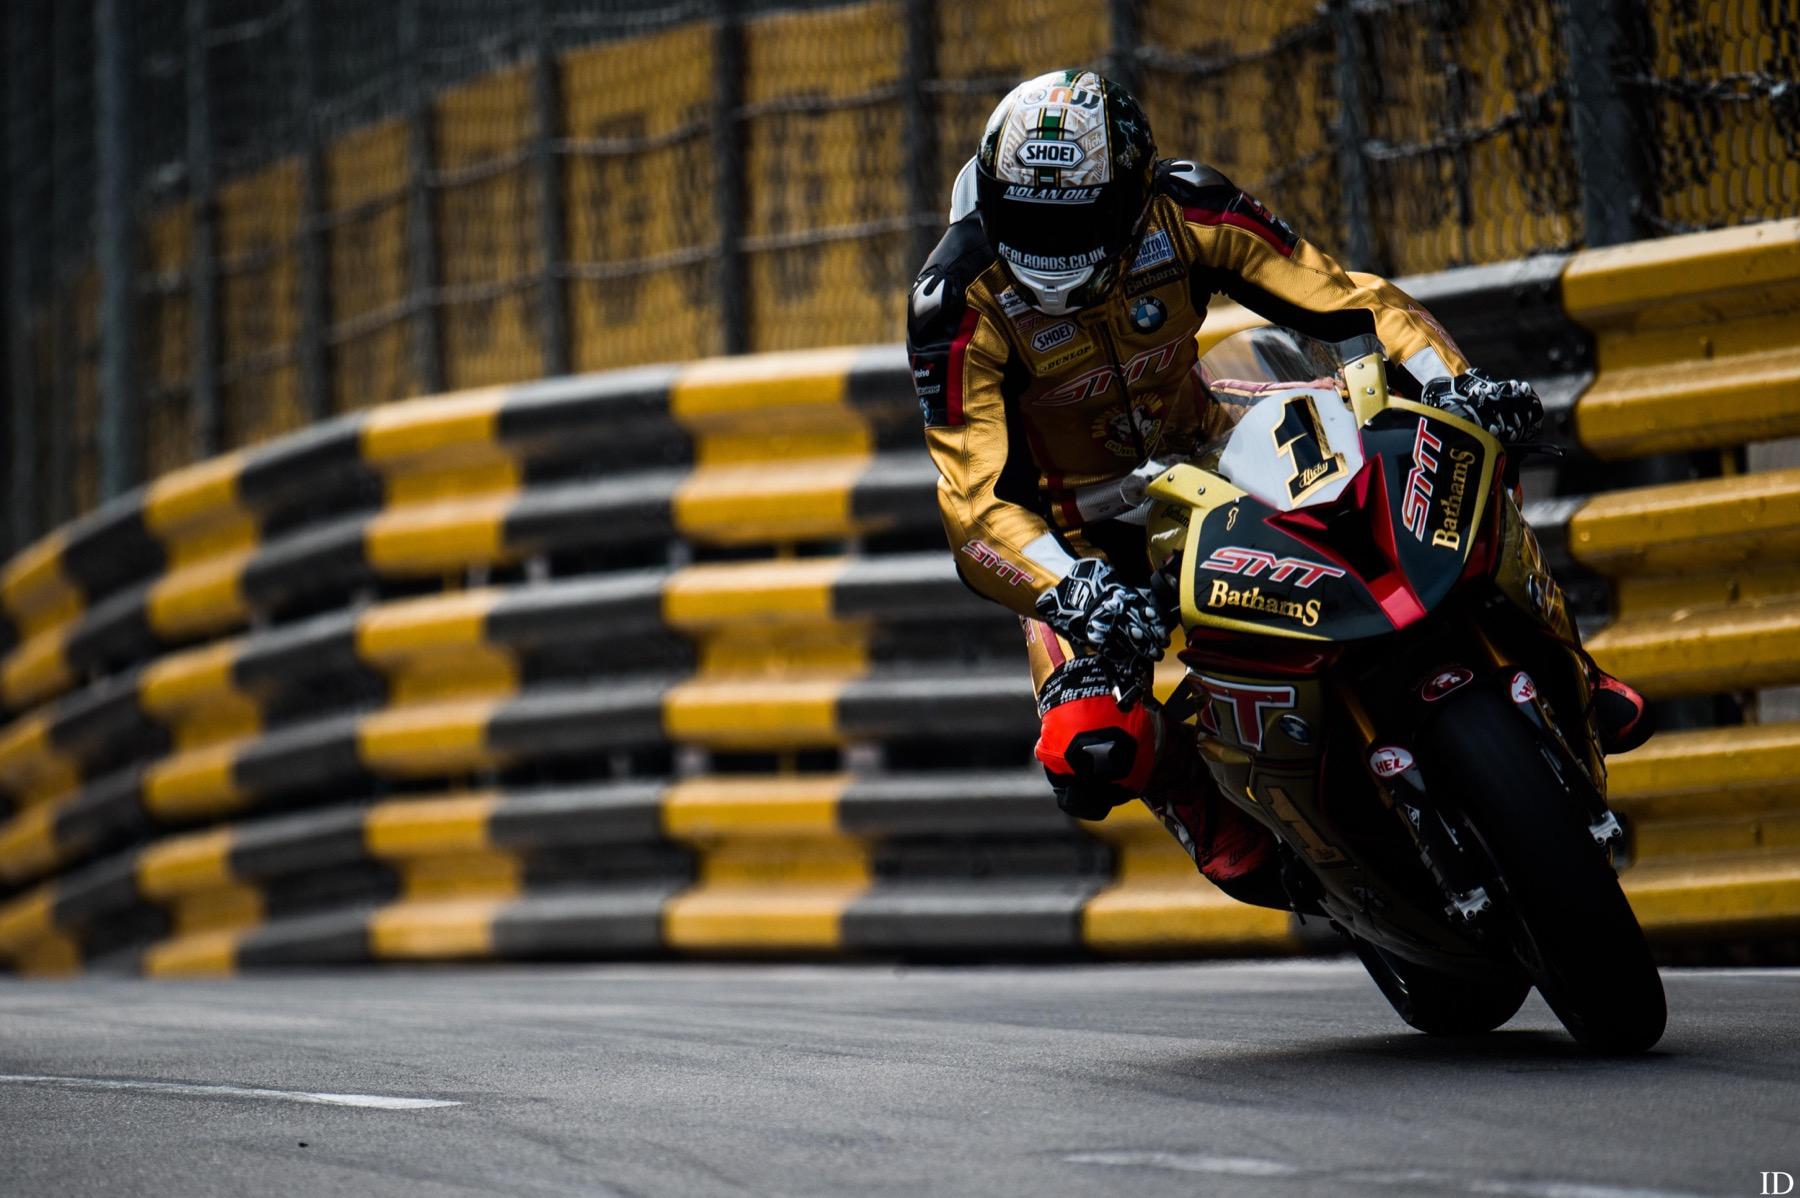 Gran Premio de Macao 2017, Peter Hickman se hace con su segunda victoria